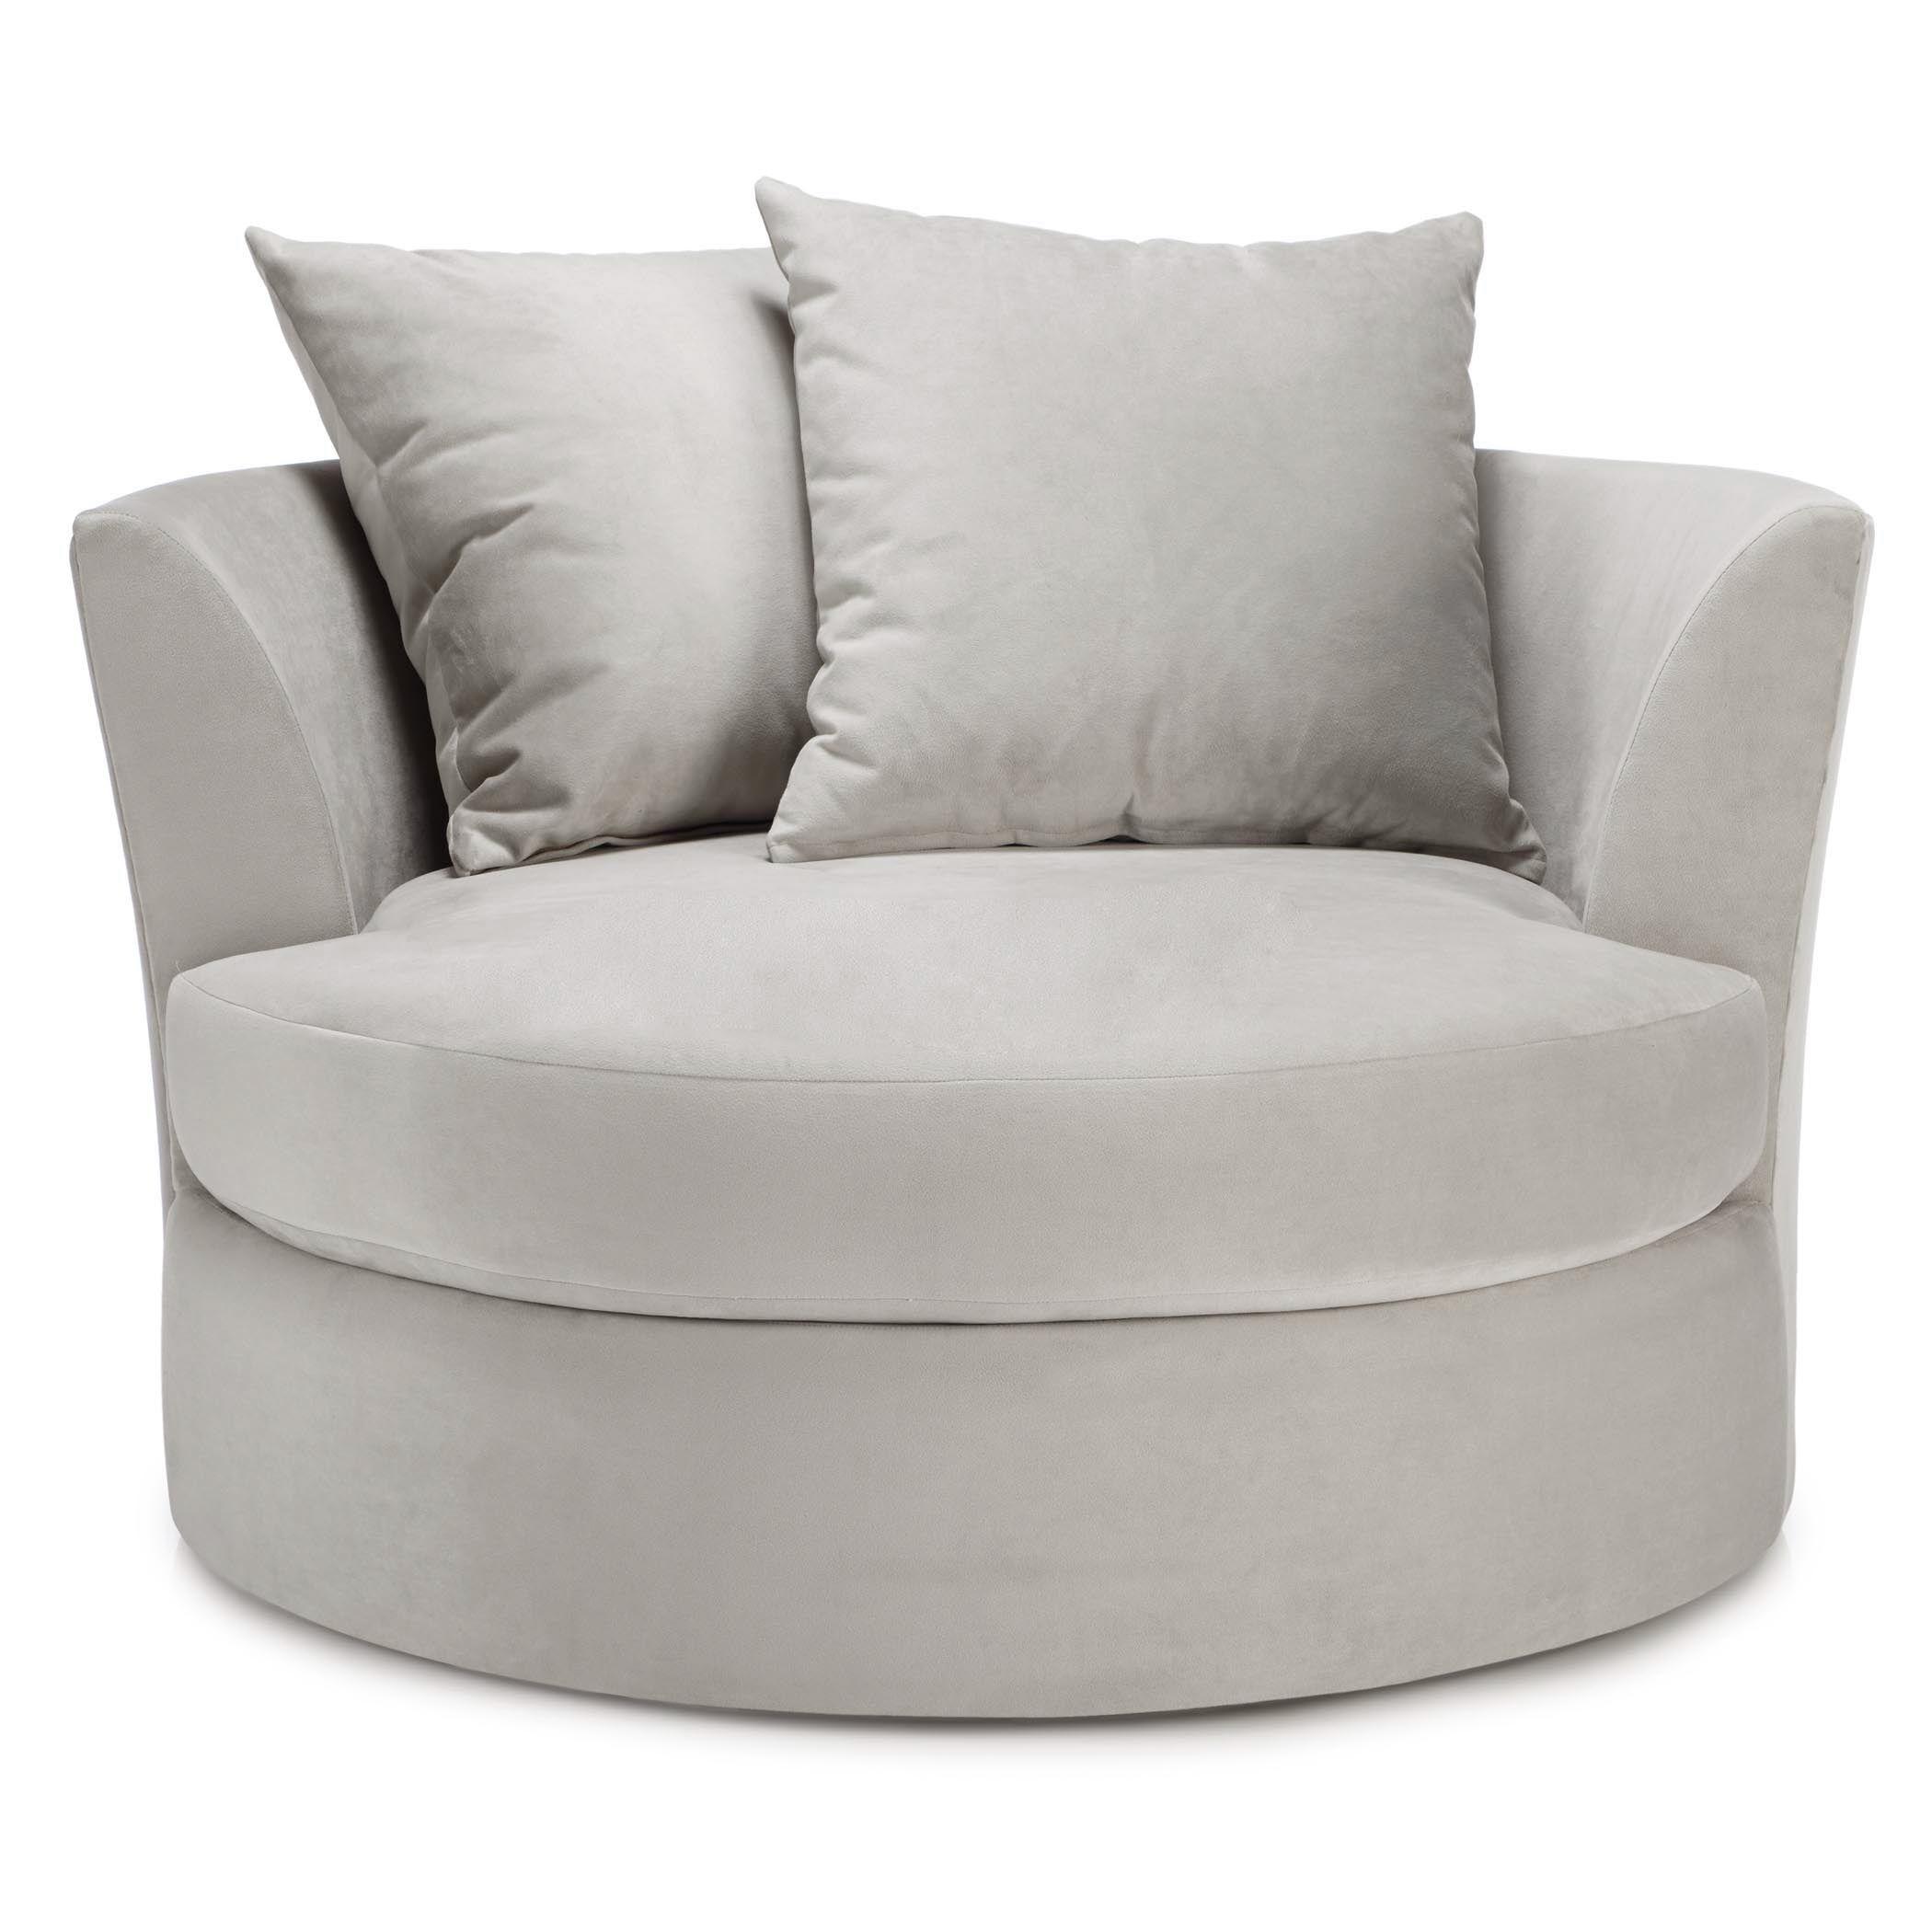 Cuddler Chair Cozy Round Cuddle Chair Cuddler Chair Cuddle Chair Comfy Chairs